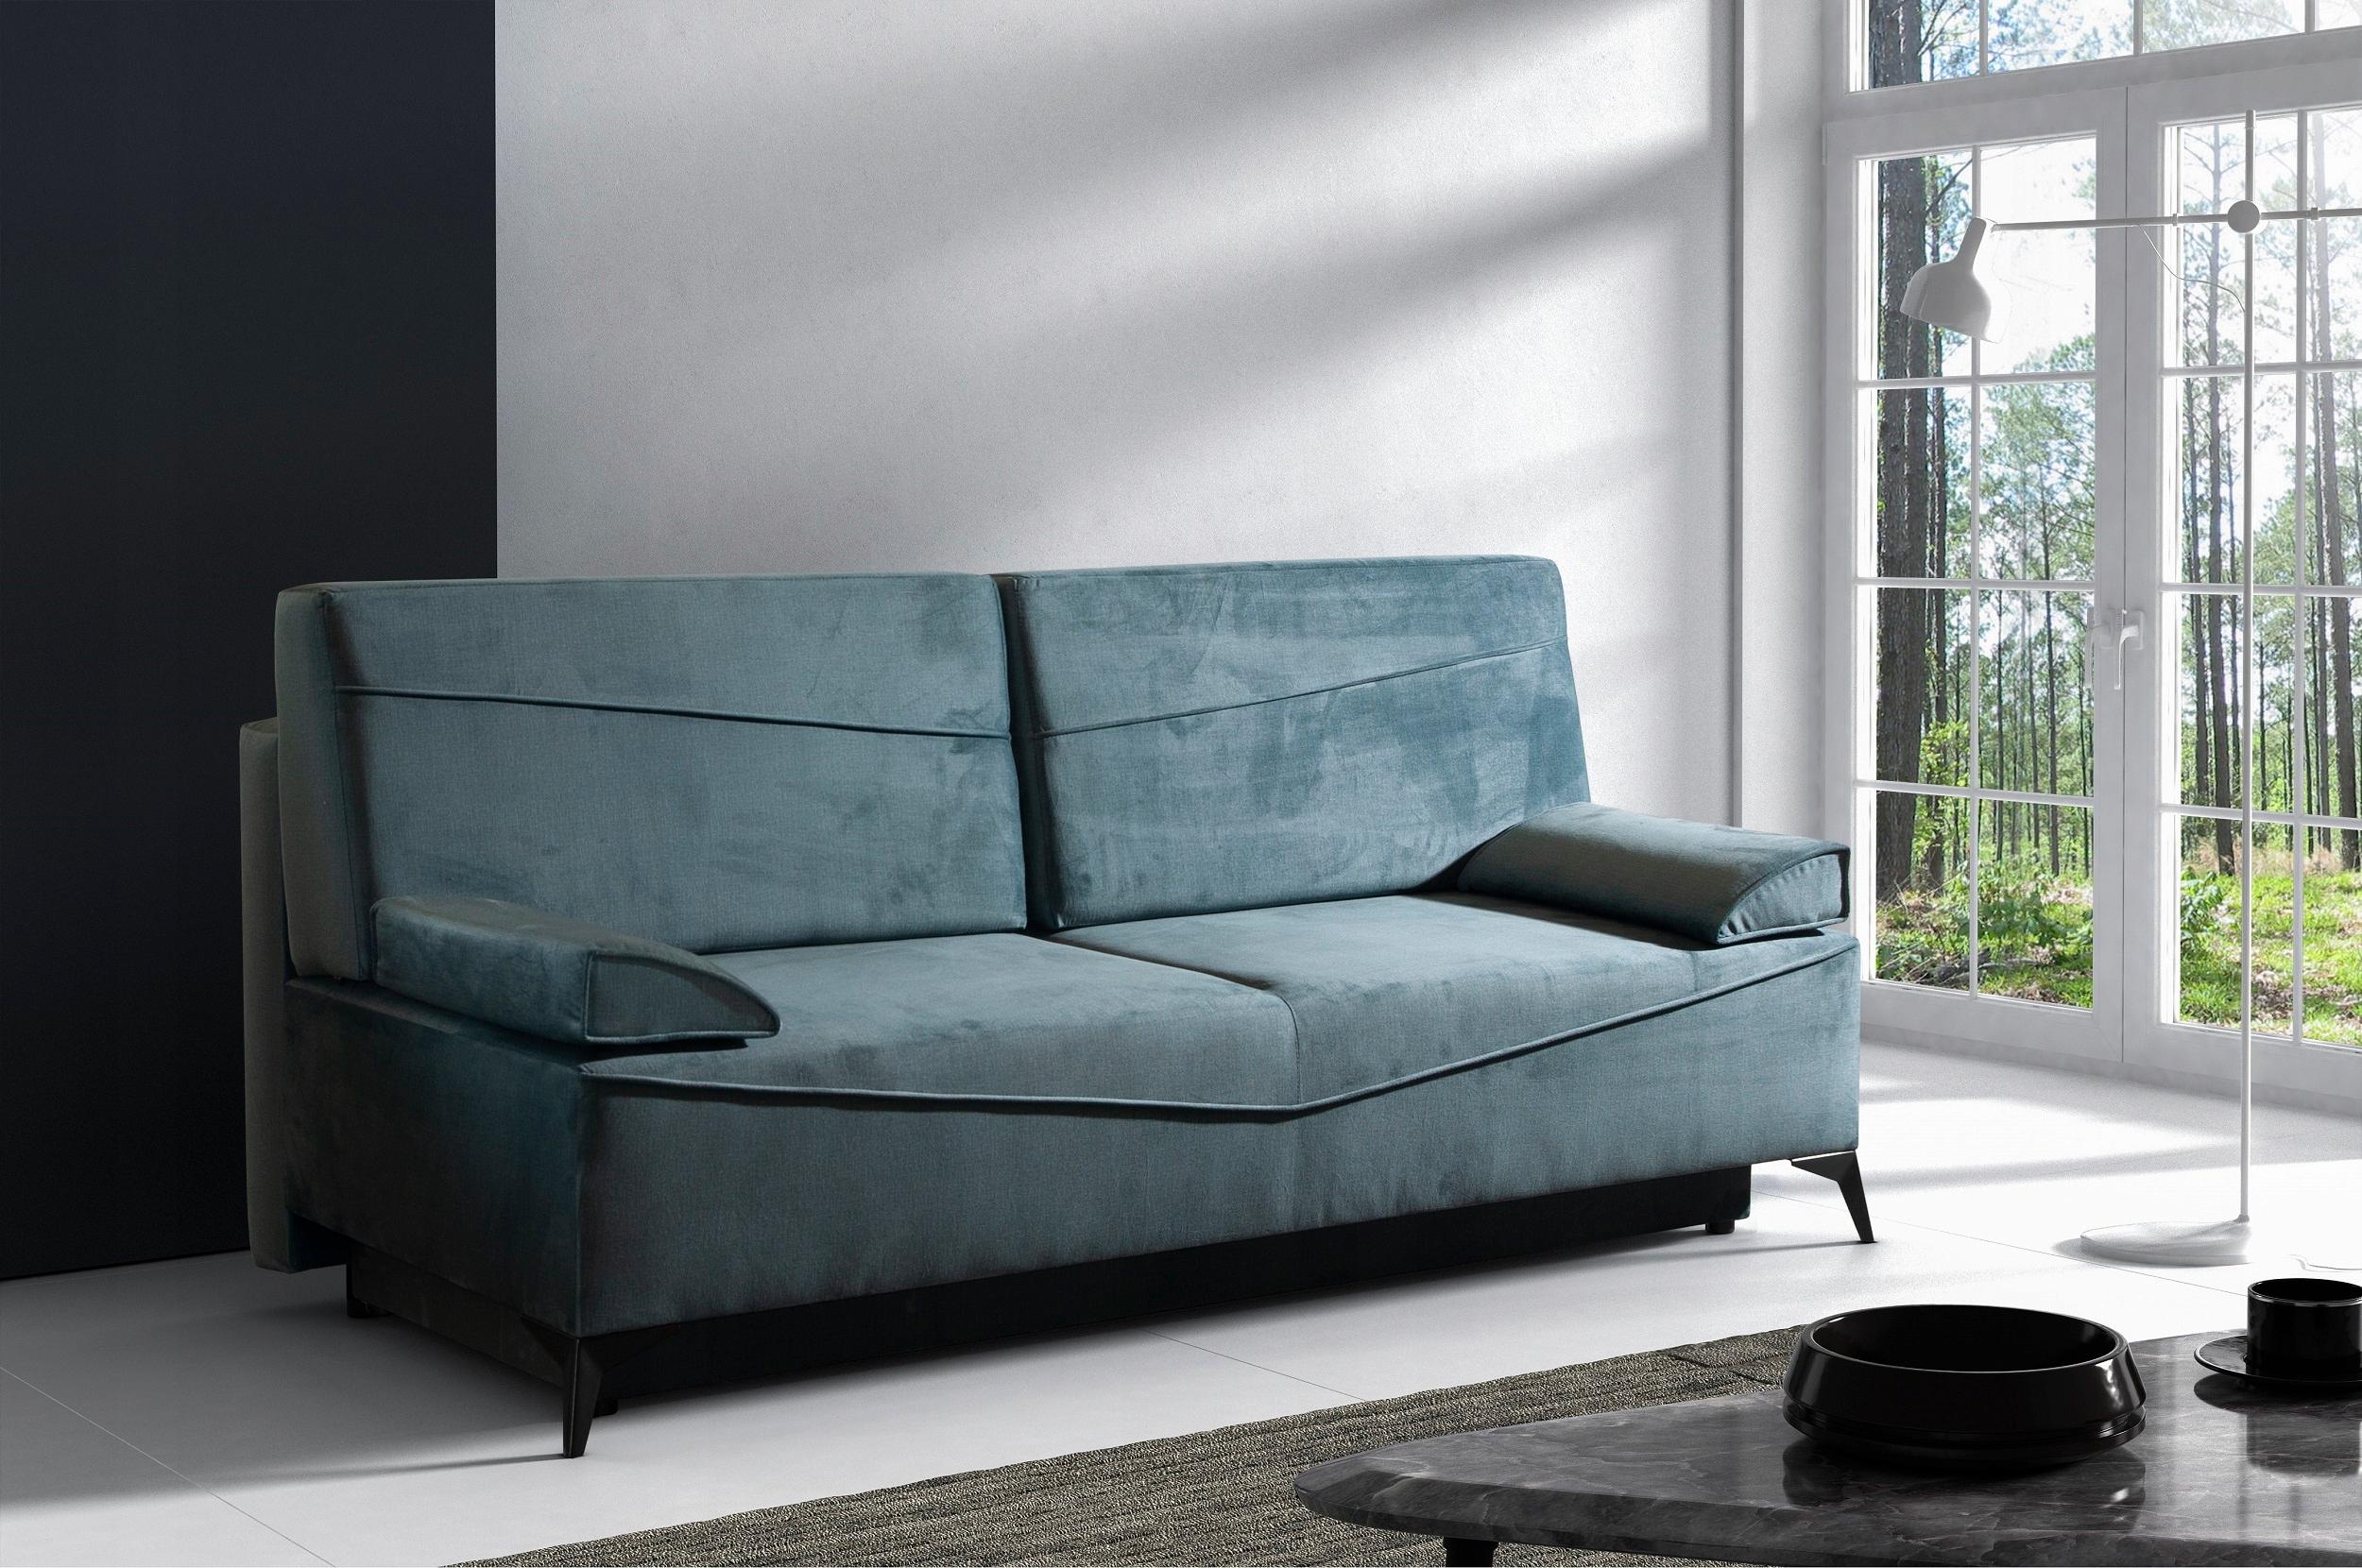 Sofa młodzieżowa ASTIN kolor kontenera do spania